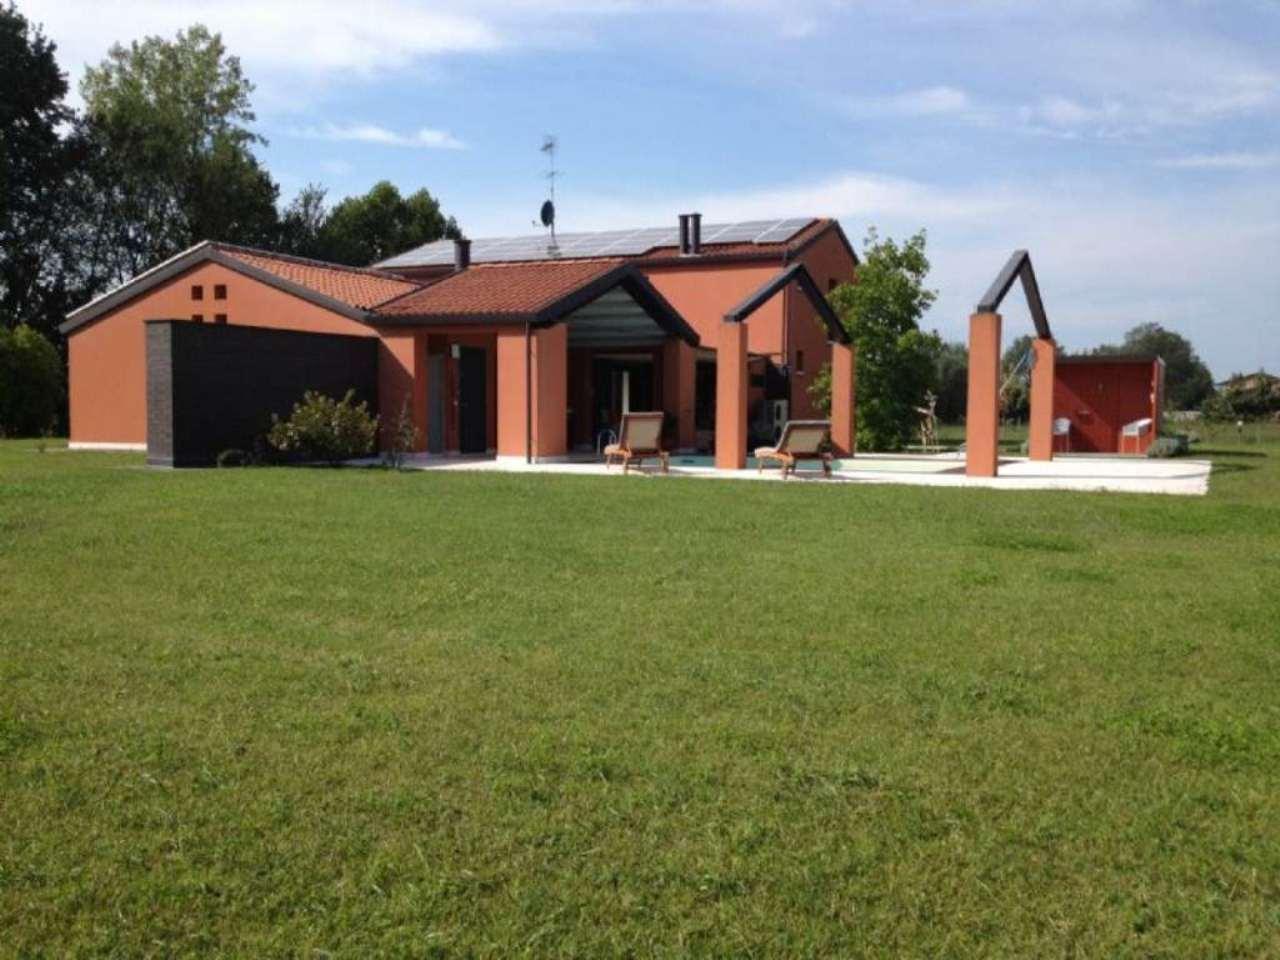 Villa in vendita a Castelfranco Veneto, 8 locali, prezzo € 750.000 | Cambio Casa.it